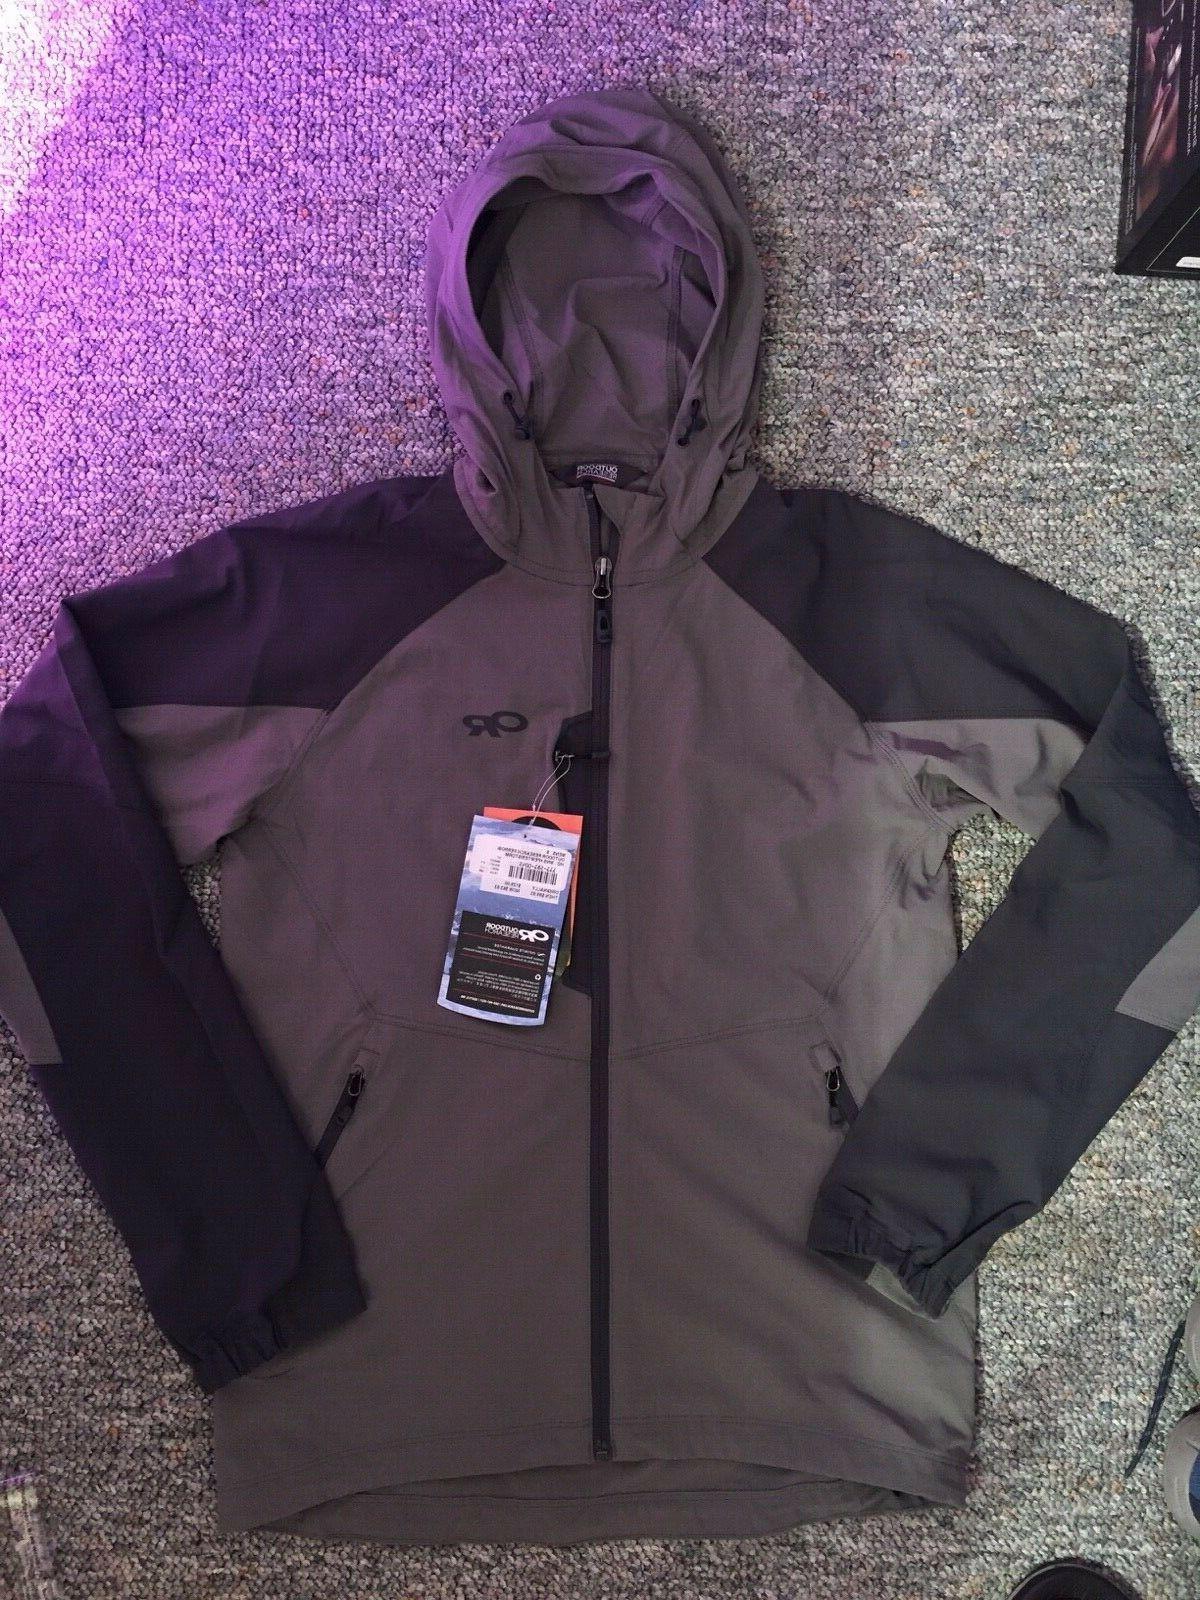 Brand New Men's Hooded Jacket